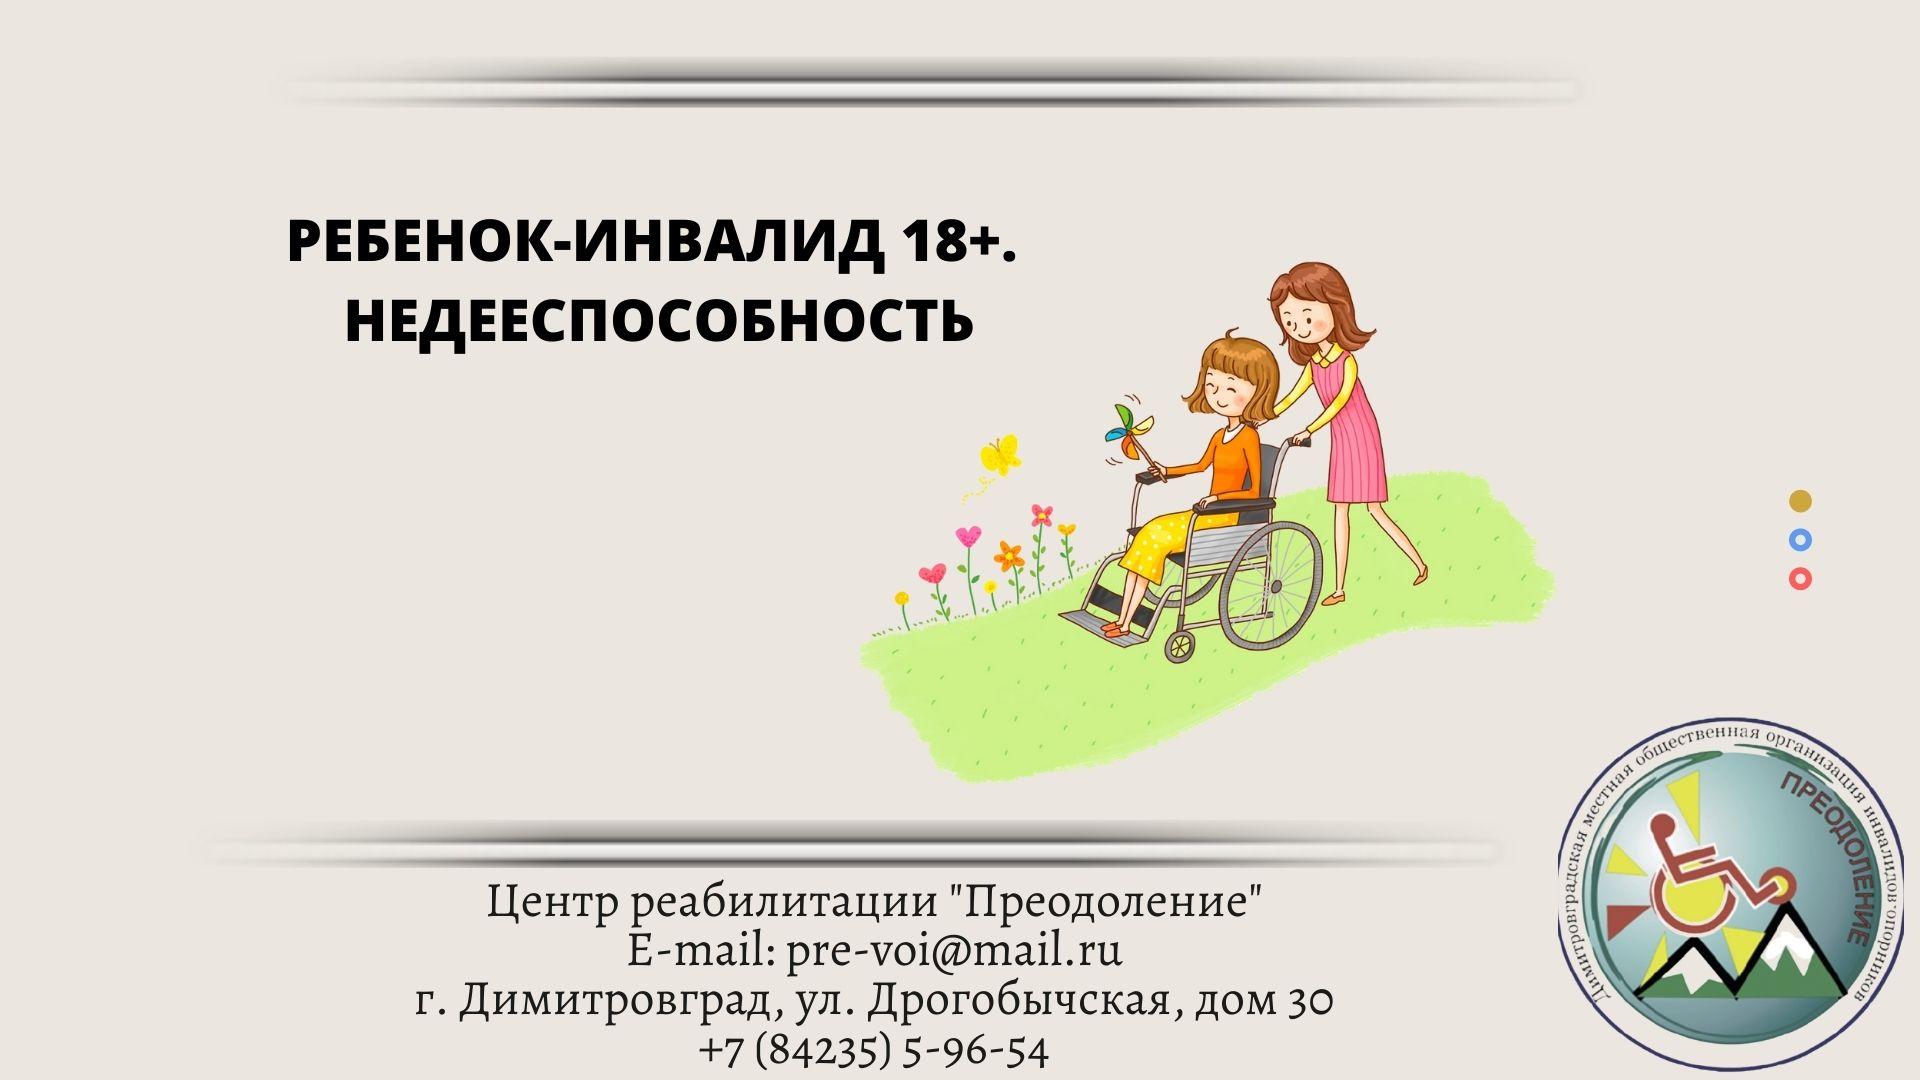 РЕБЕНОК-ИНВАЛИД 18+. НЕДЕЕСПОСОБНОСТЬ